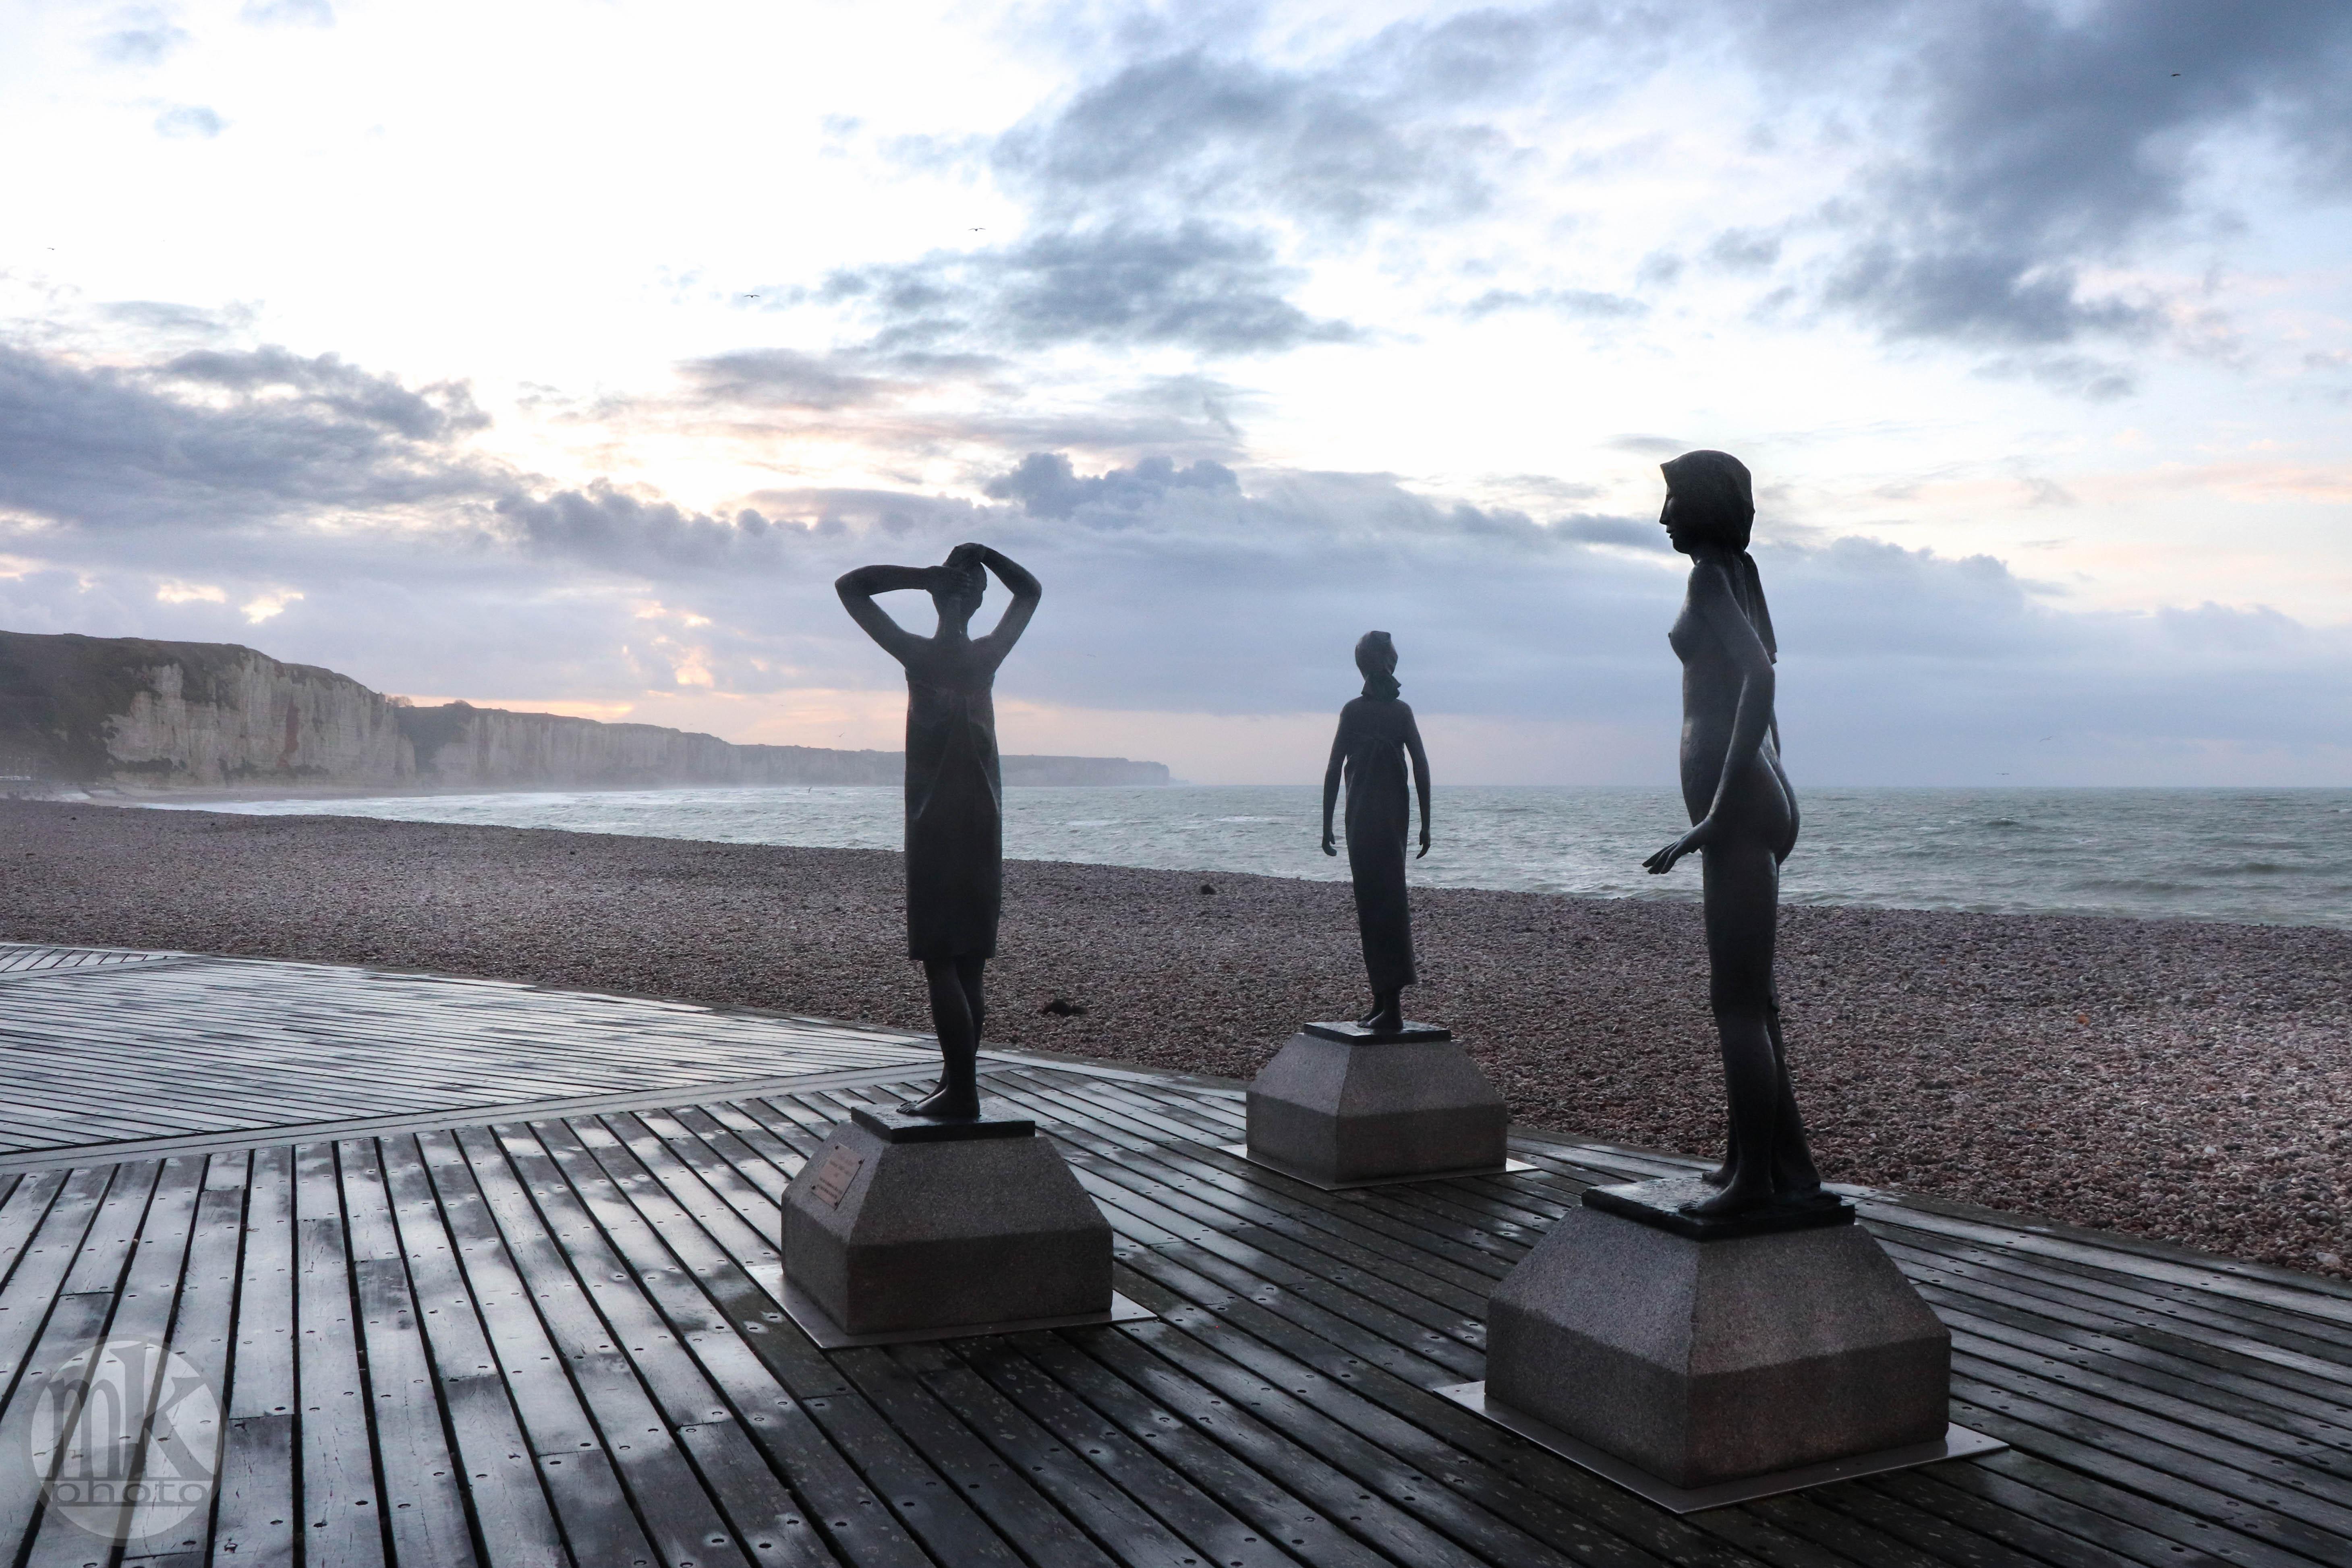 statues, Fécampl, 22 déc.19, 17h38-20